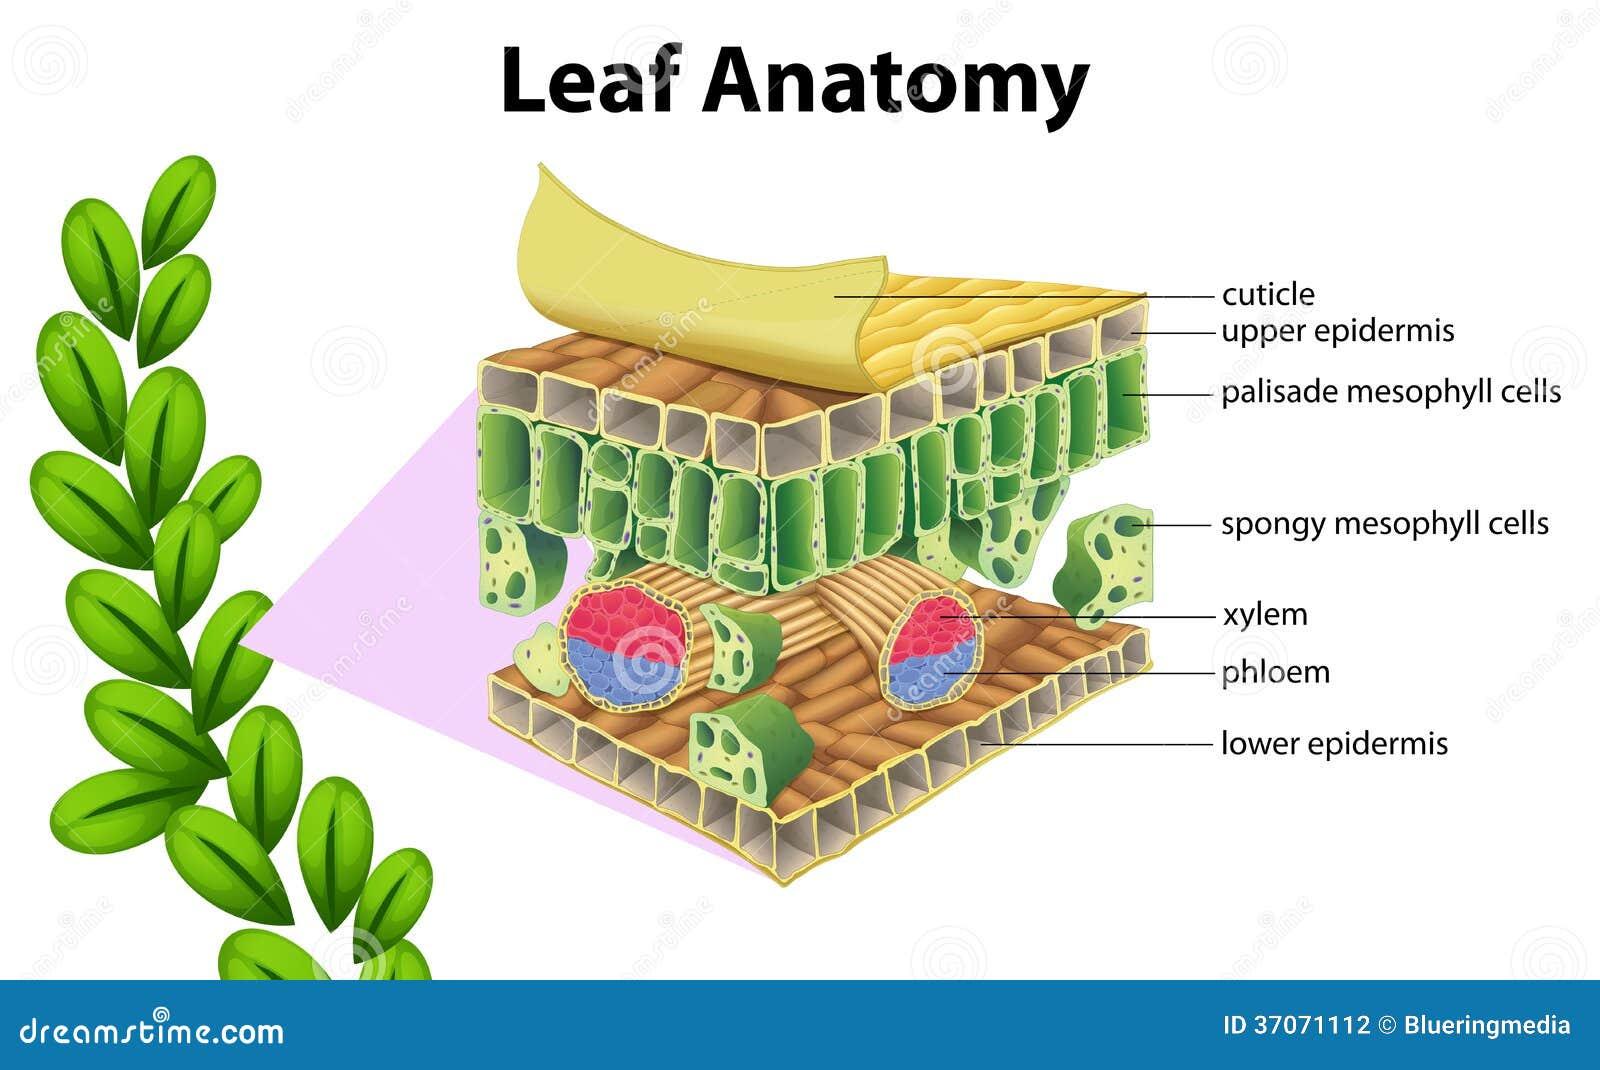 Kranz anatomy in c4 plants 3305414 - togelmaya.info